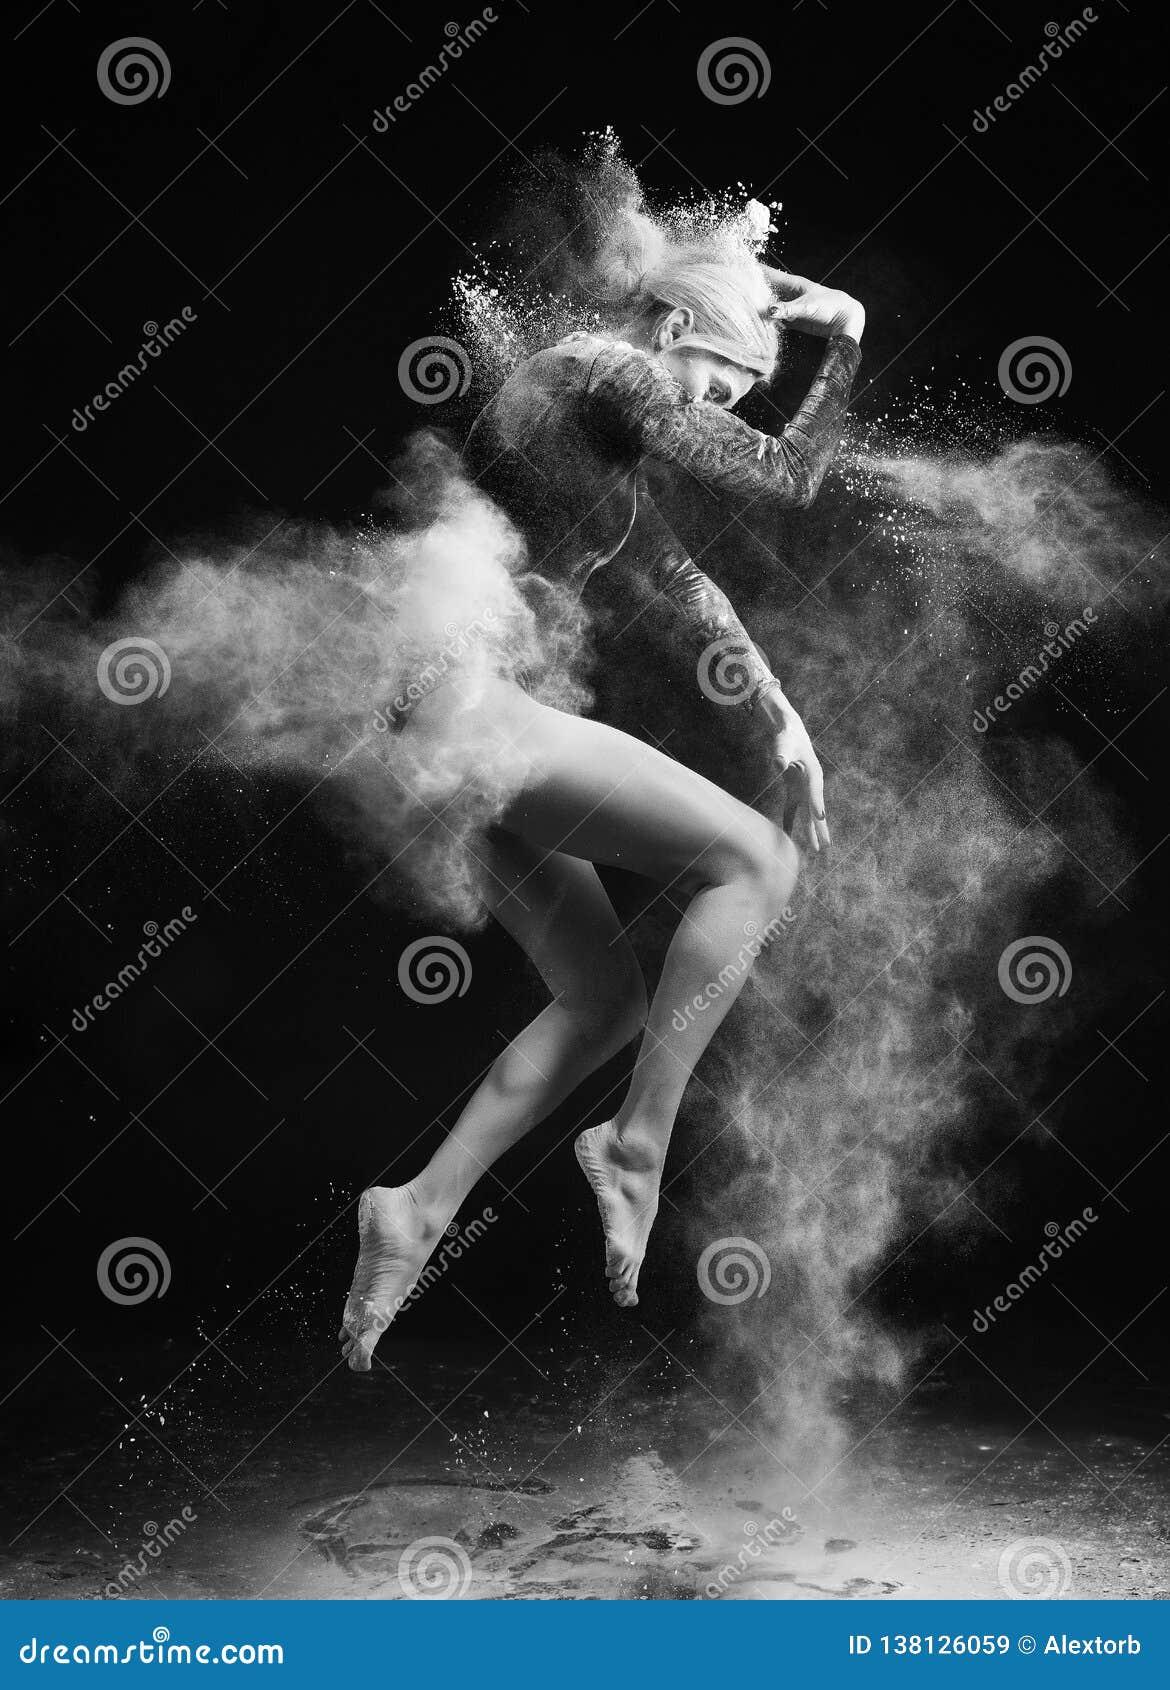 Belle fille mince portant une combinaison gymnastique couverte de nuages des sauts blancs volants de poudre dansant sur une obscu